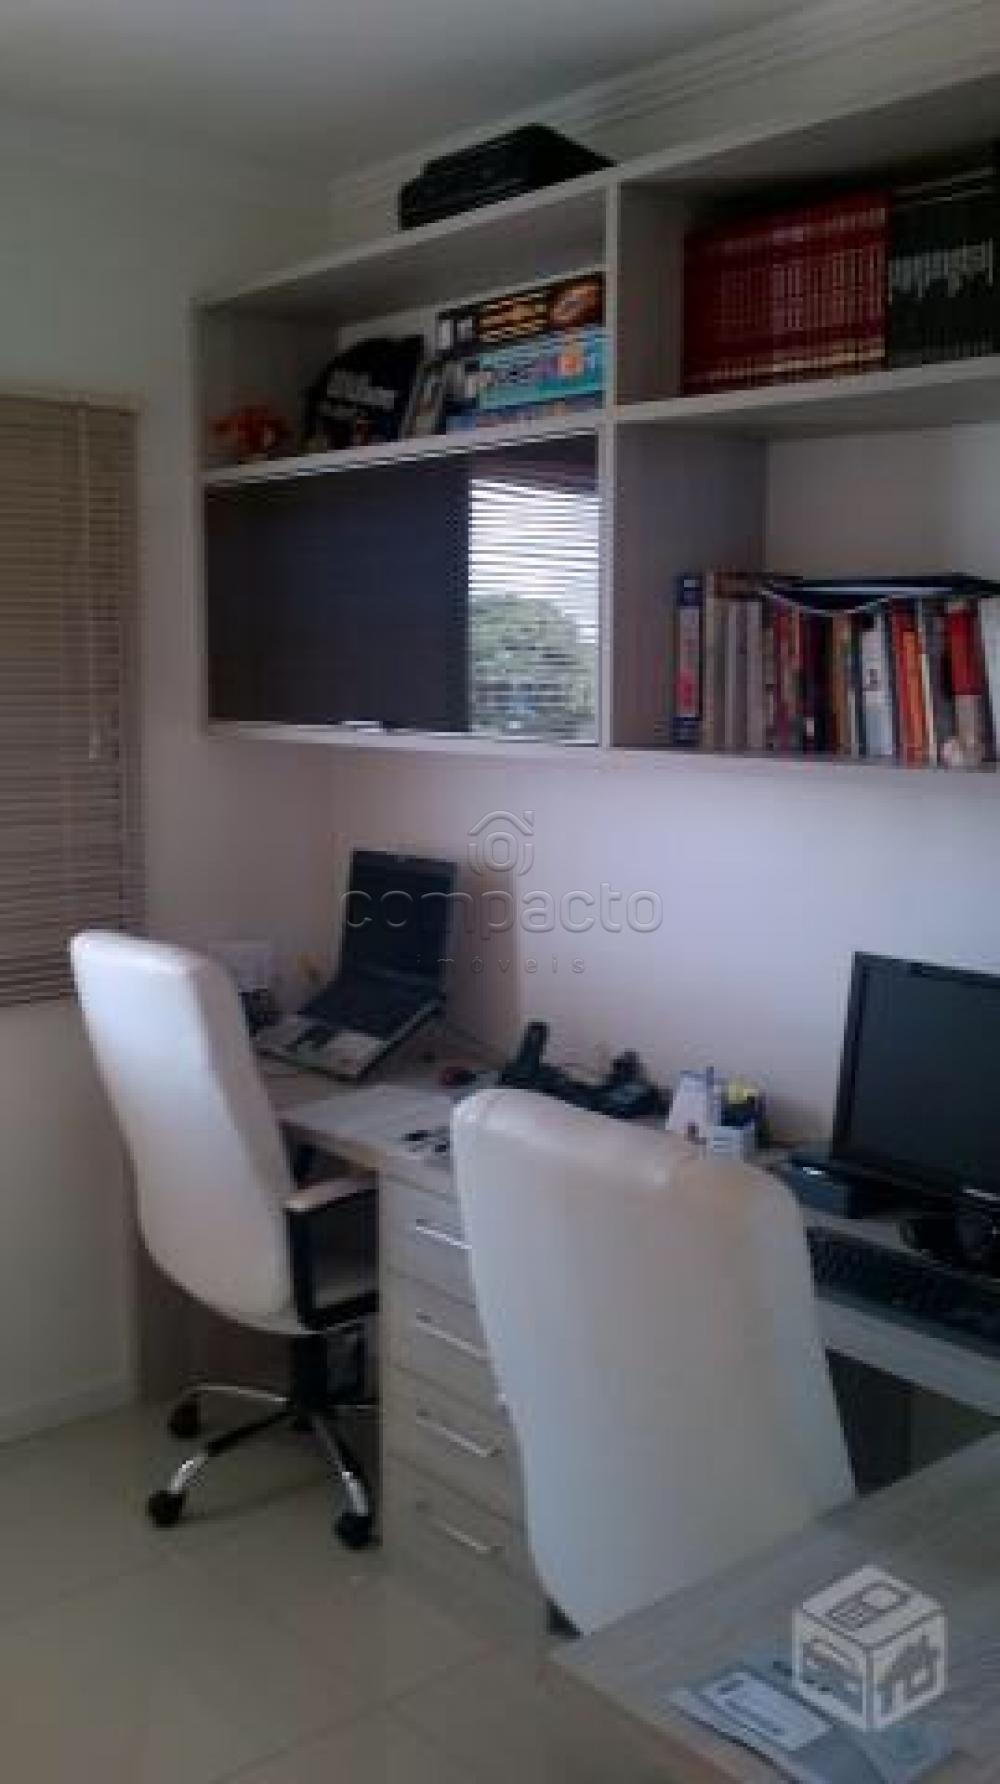 Comprar Apartamento / Cobertura em São José do Rio Preto apenas R$ 340.000,00 - Foto 19